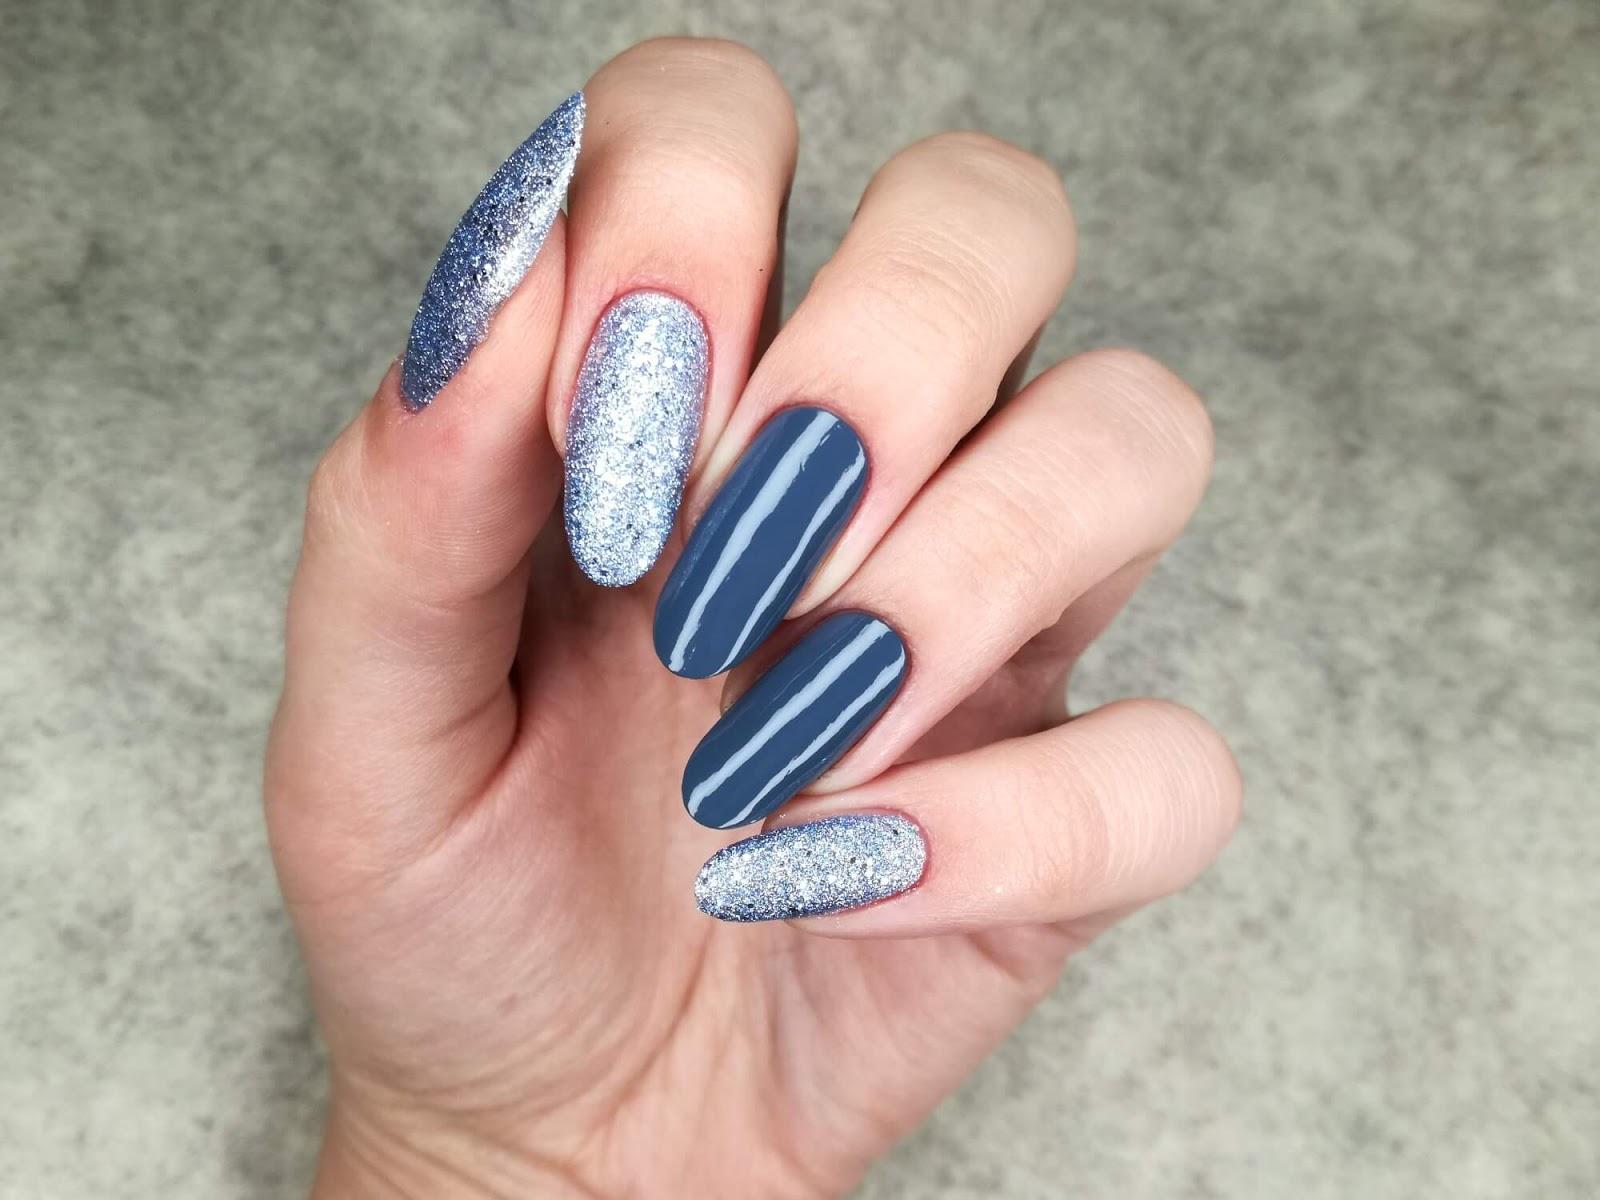 paznokcie szare z brokatem